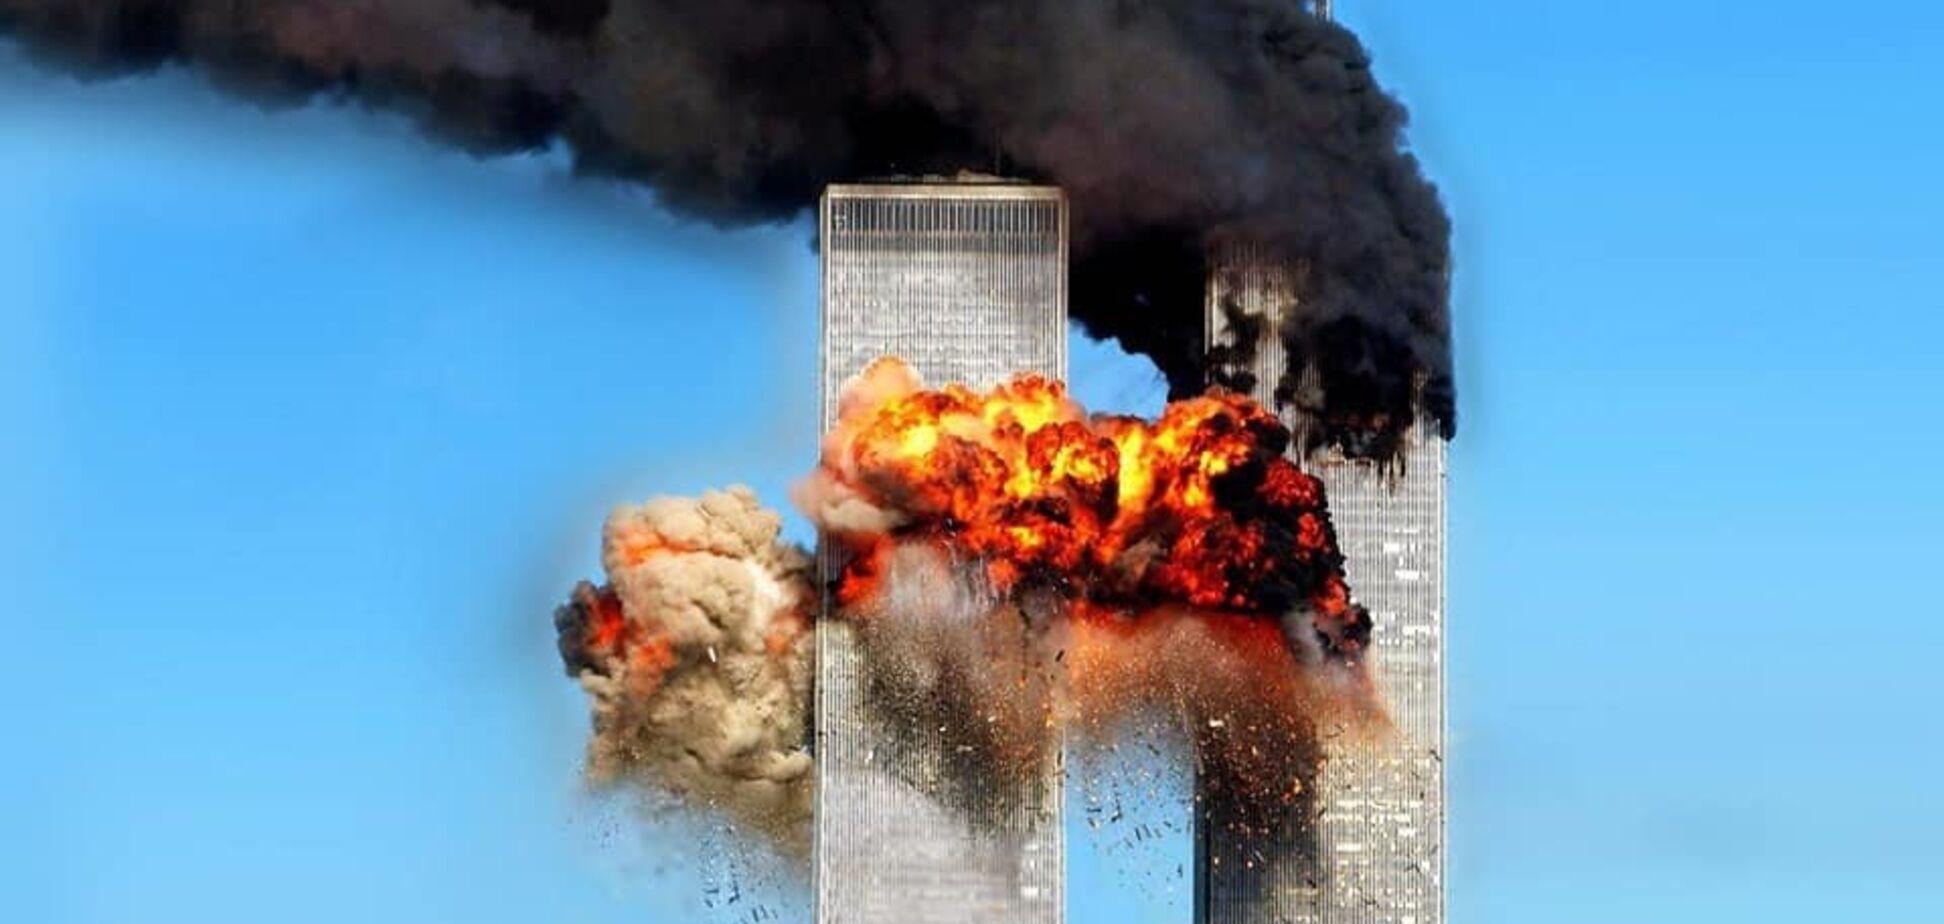 'Цей жах не забути': в світі вшанували пам'ять жертв терактів 11 вересня